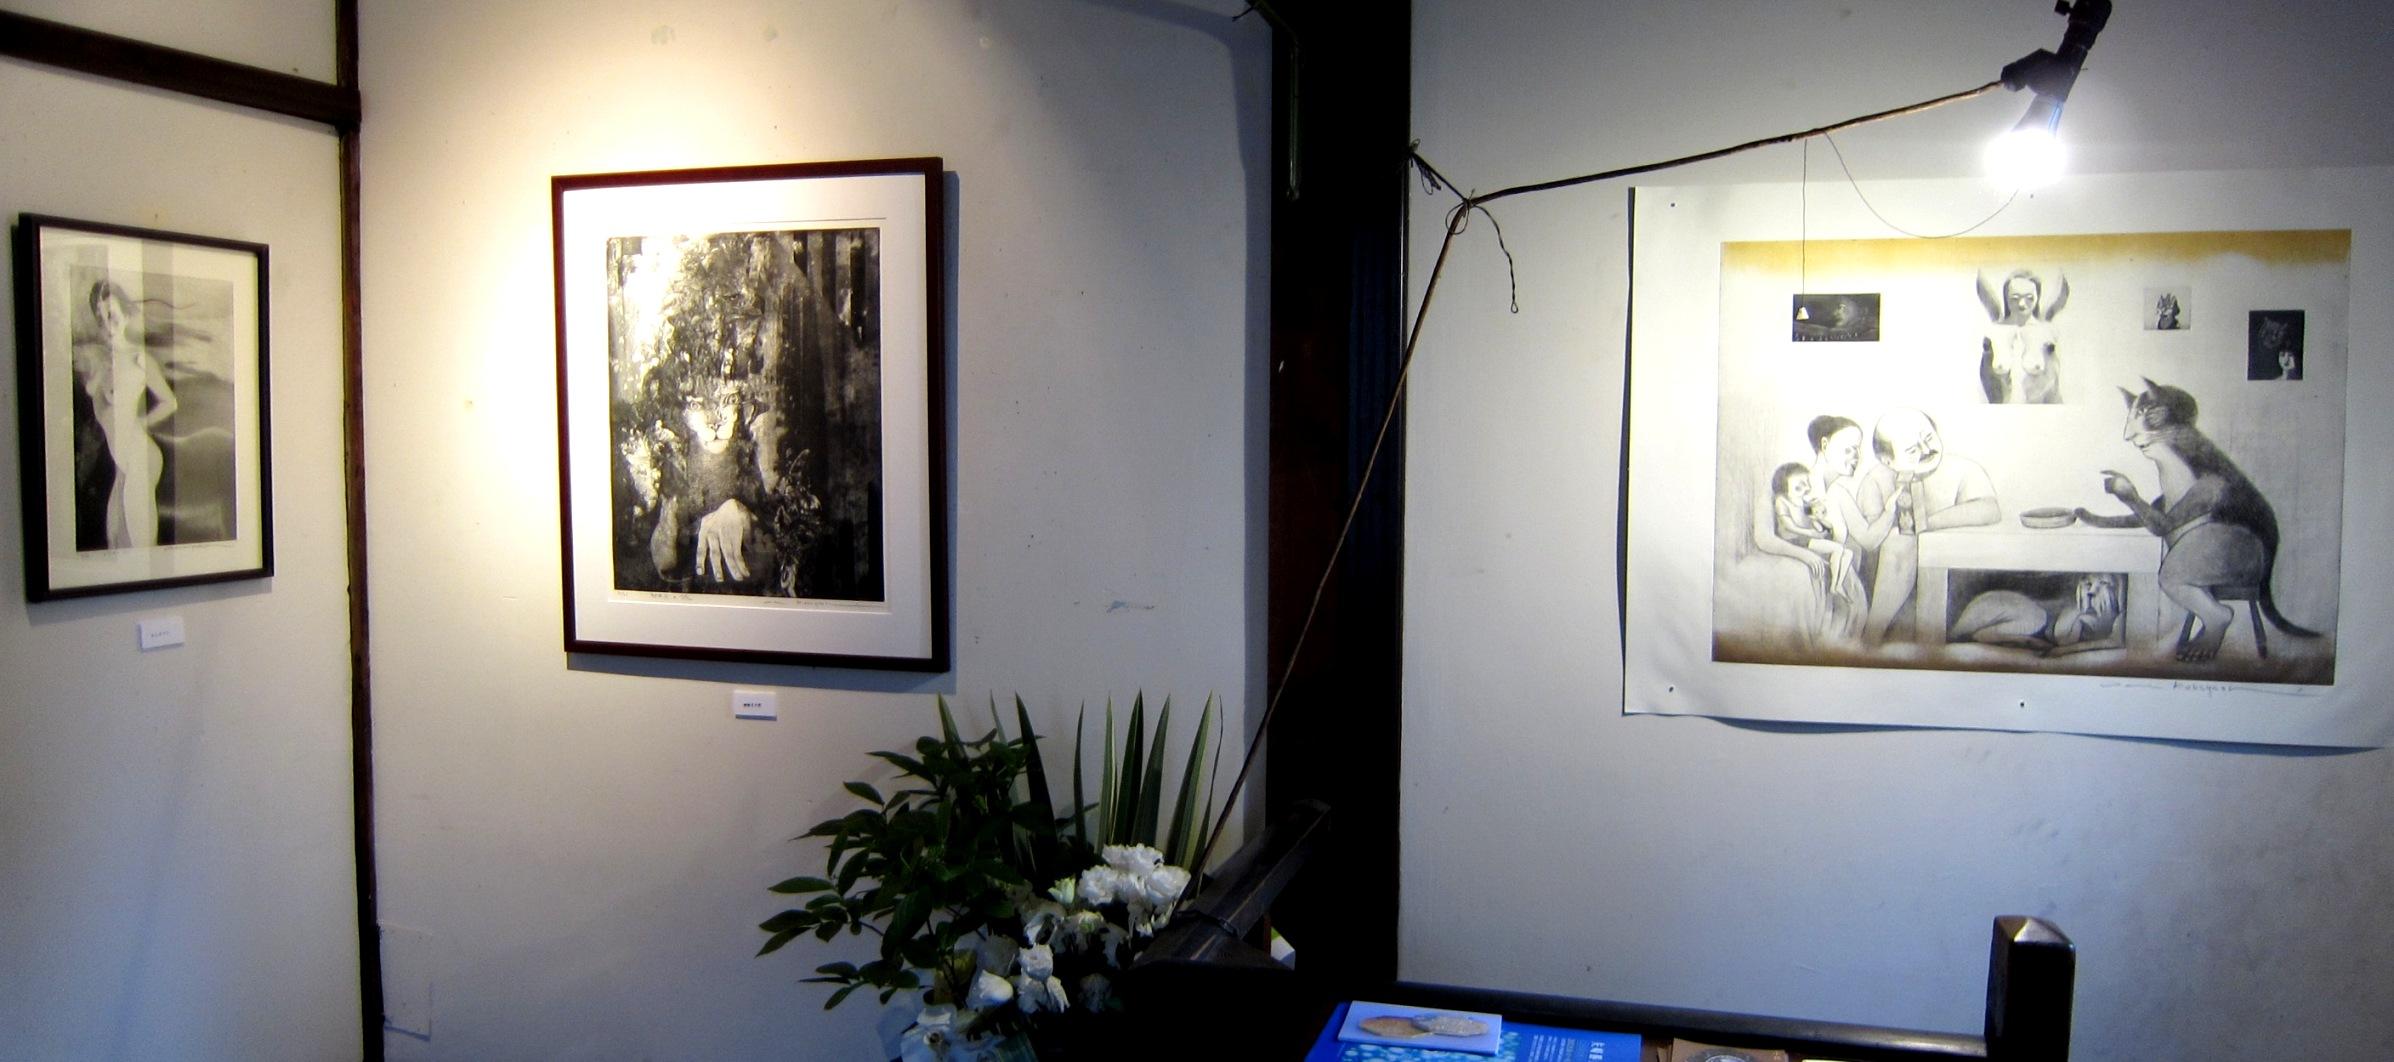 2193) 「小林大 展 『斑』 (銅版画とインスタレーション)」 g.犬養 8月28日(水)~9月9日(月)_f0126829_10522613.jpg